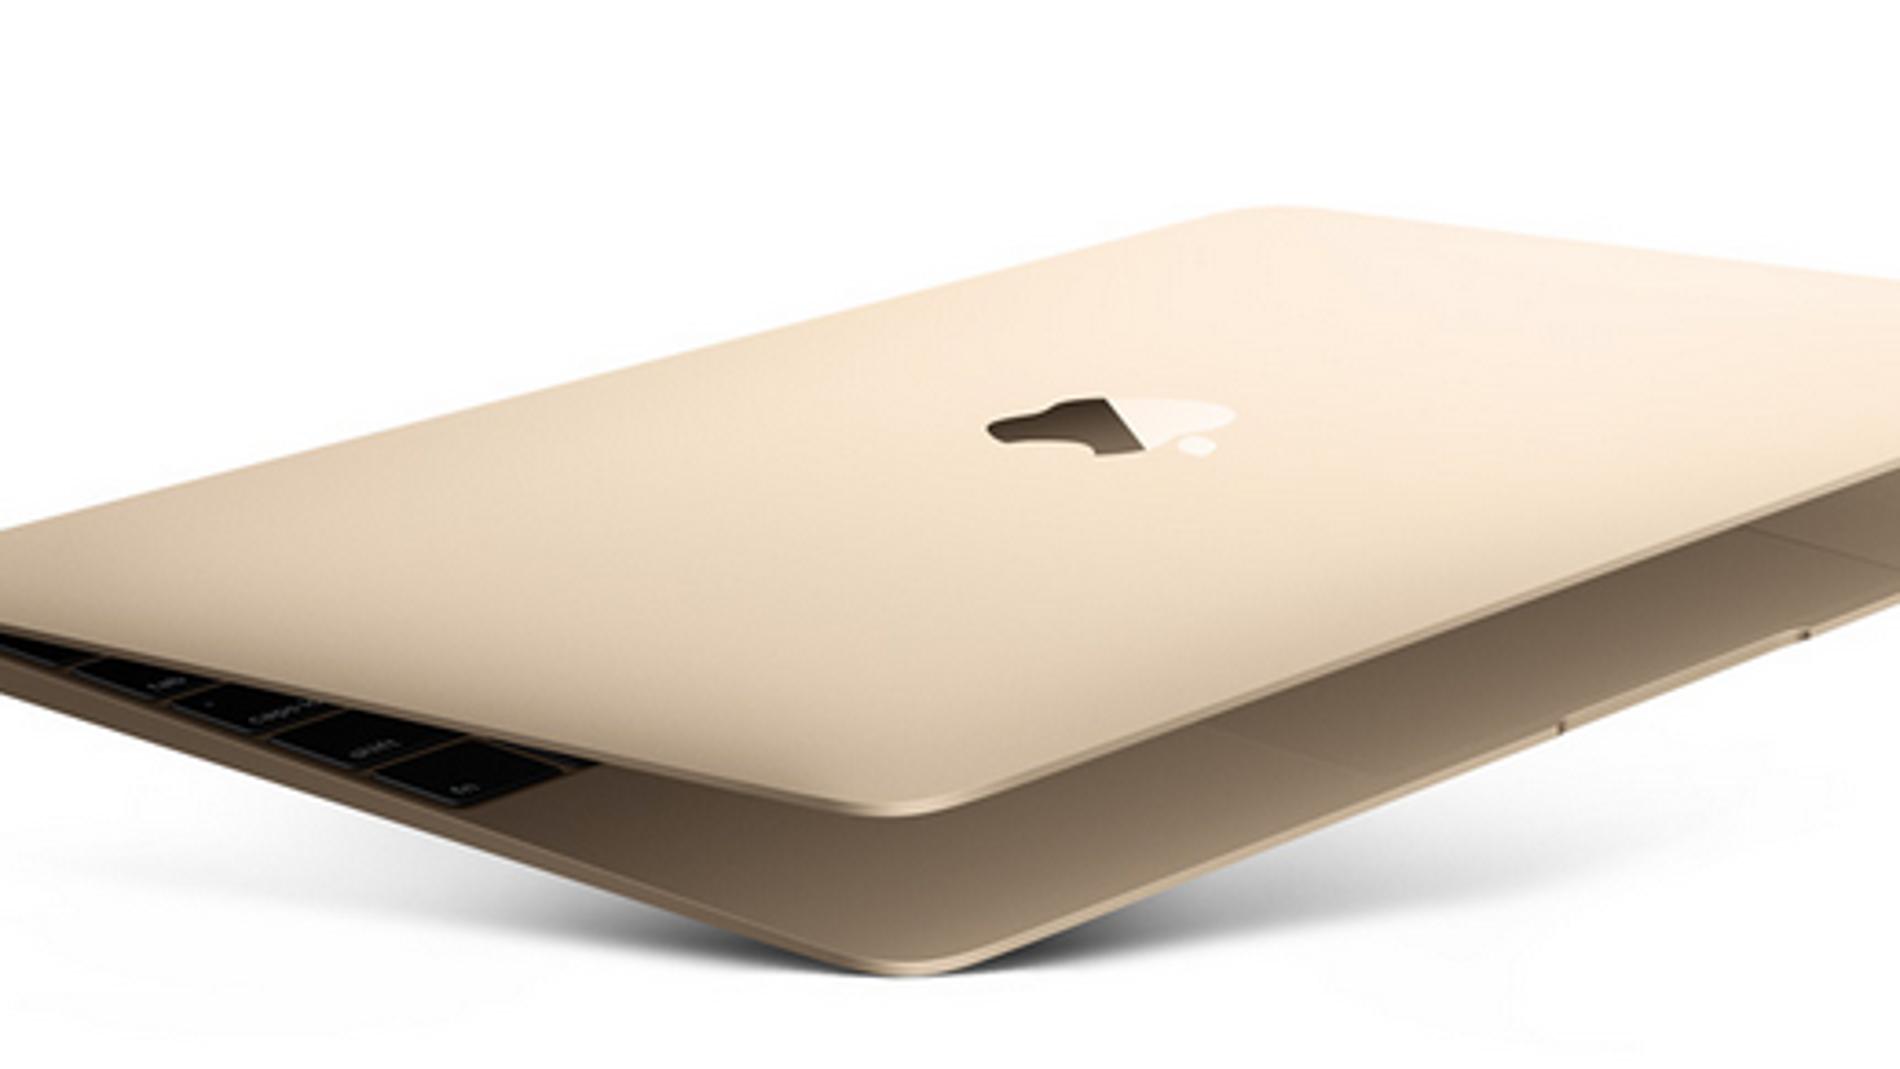 El nuevo MacBook hereda la delgadez del iPad